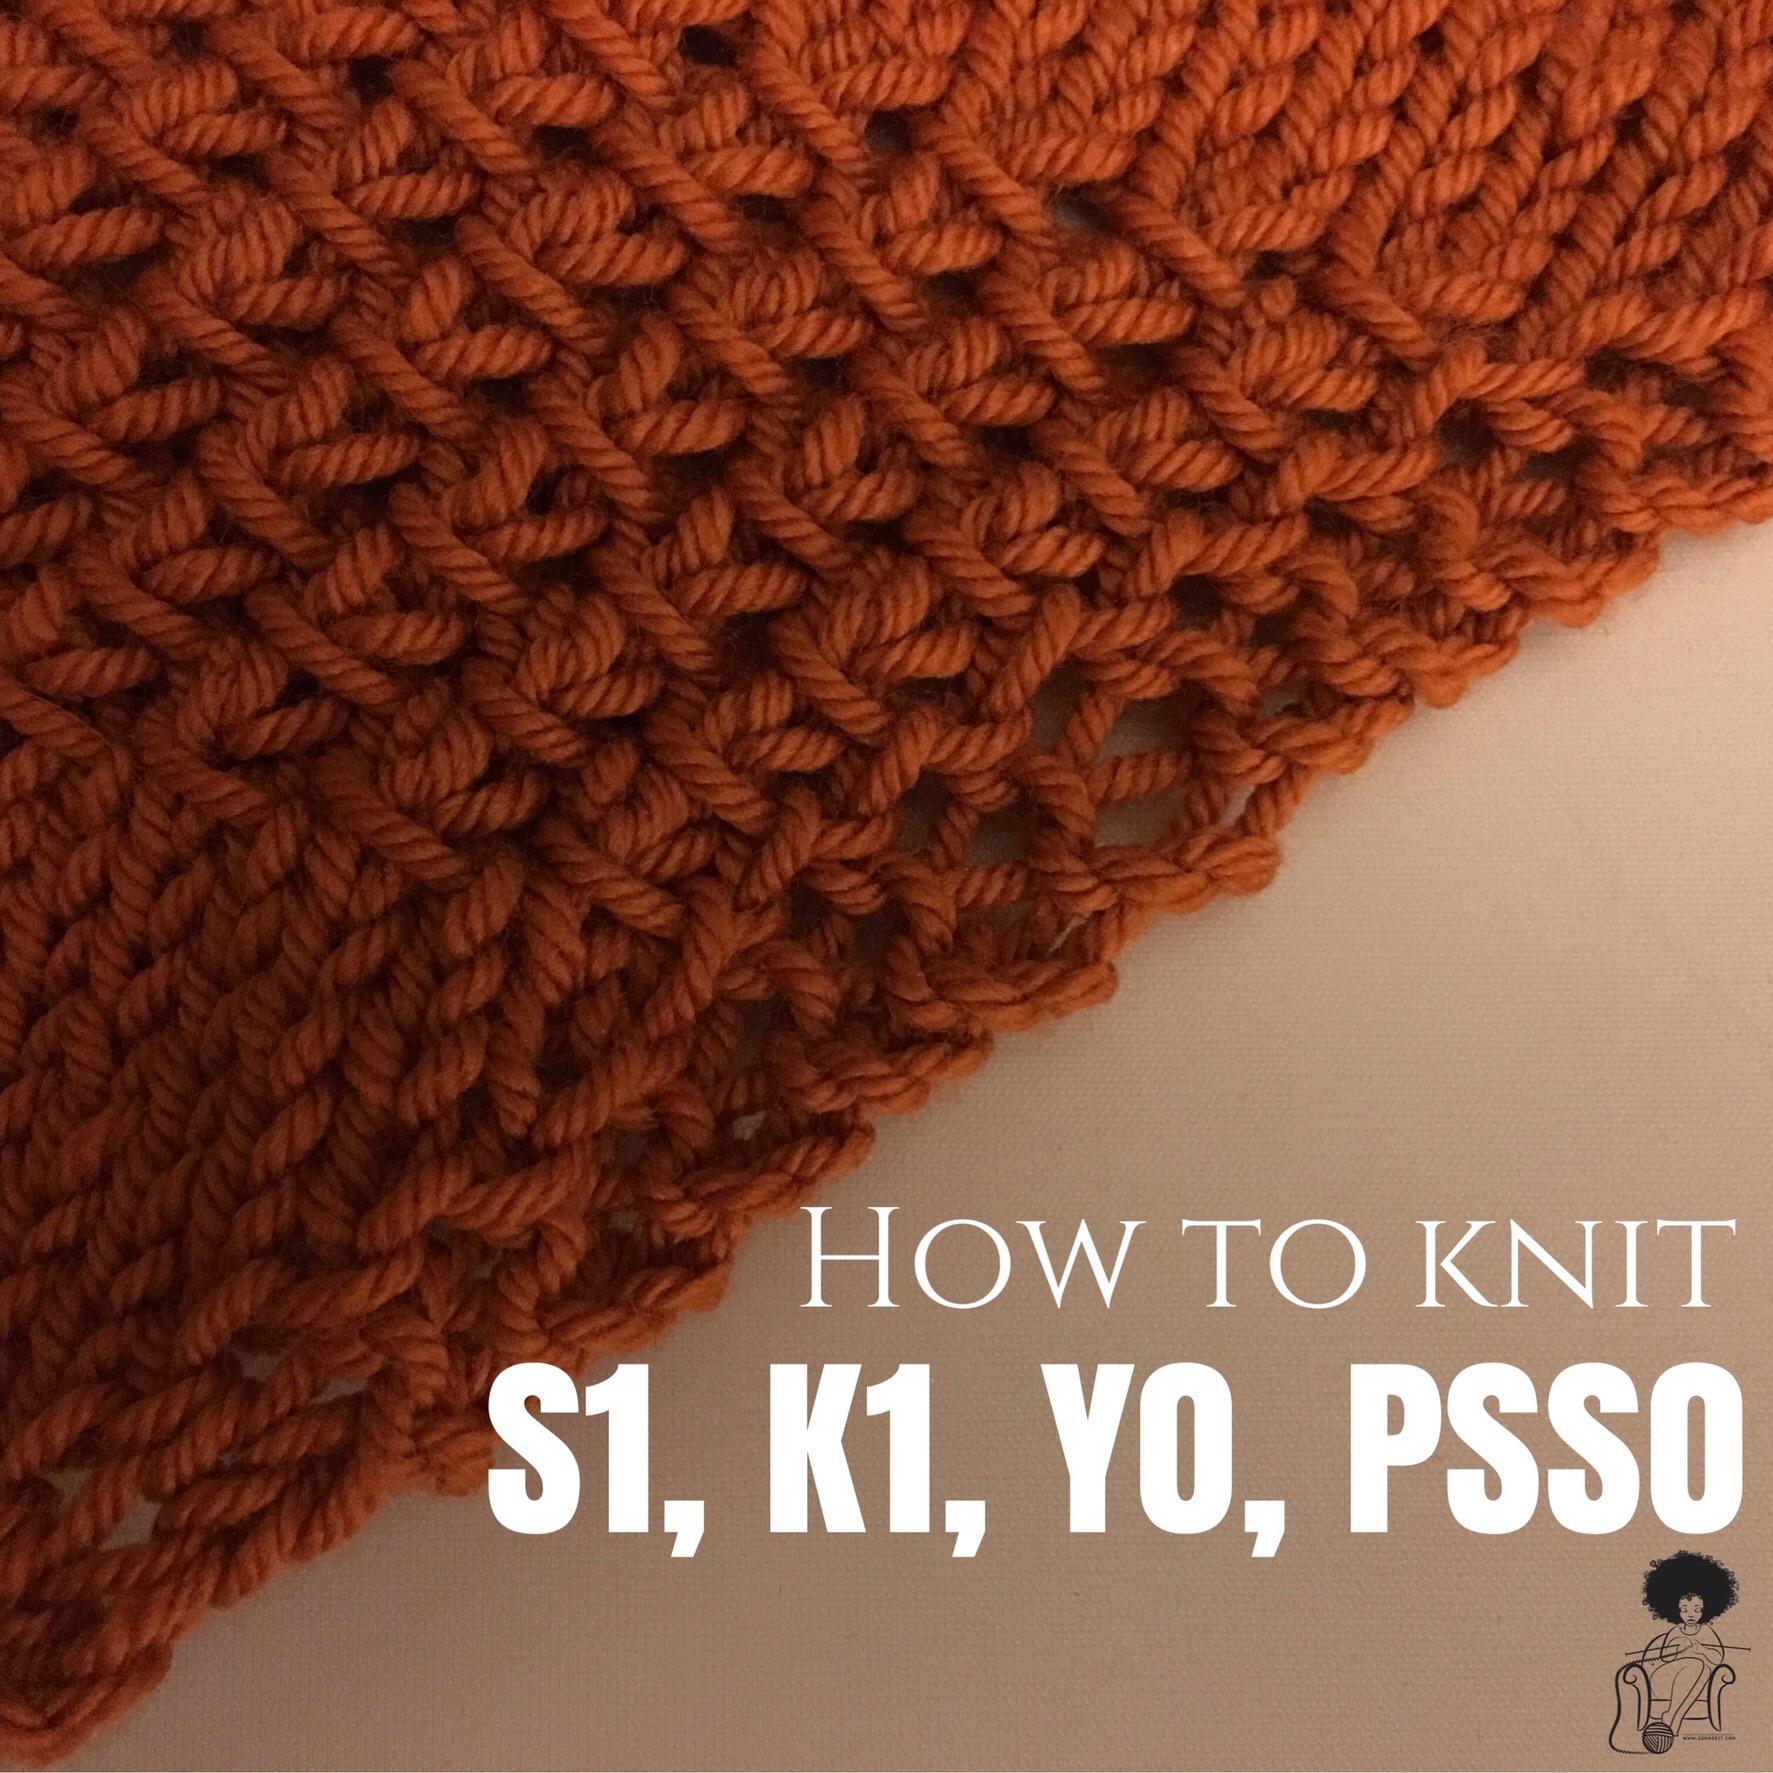 Knitting Stitches Sl1 K1 Psso : How to Knit S1, K1, YO, PSSO GGmadeit